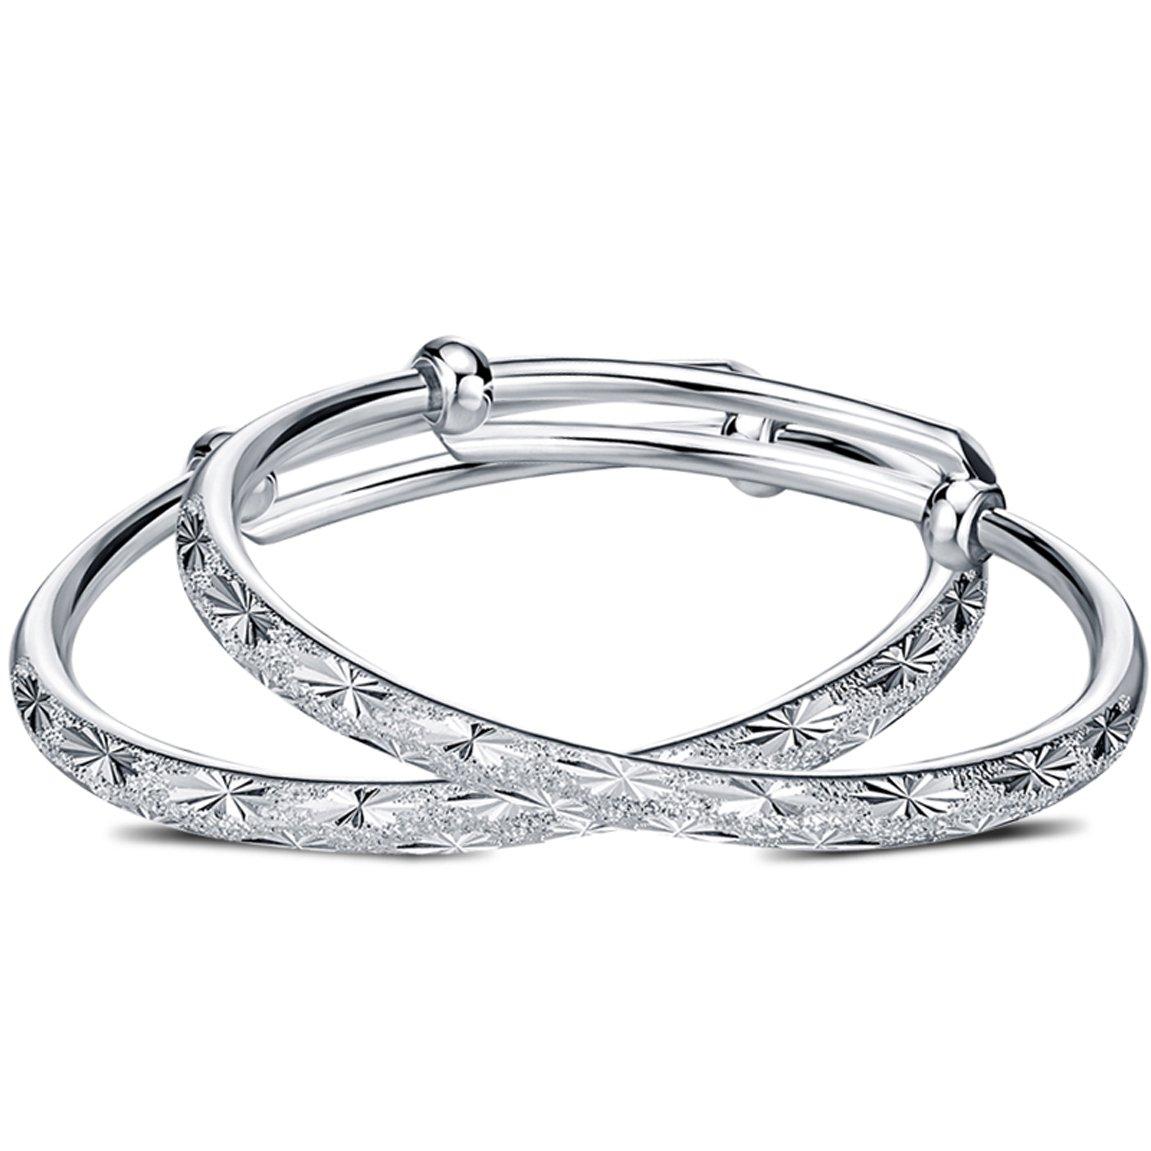 LRW Braccialetto in argento puro alla moda per bimba